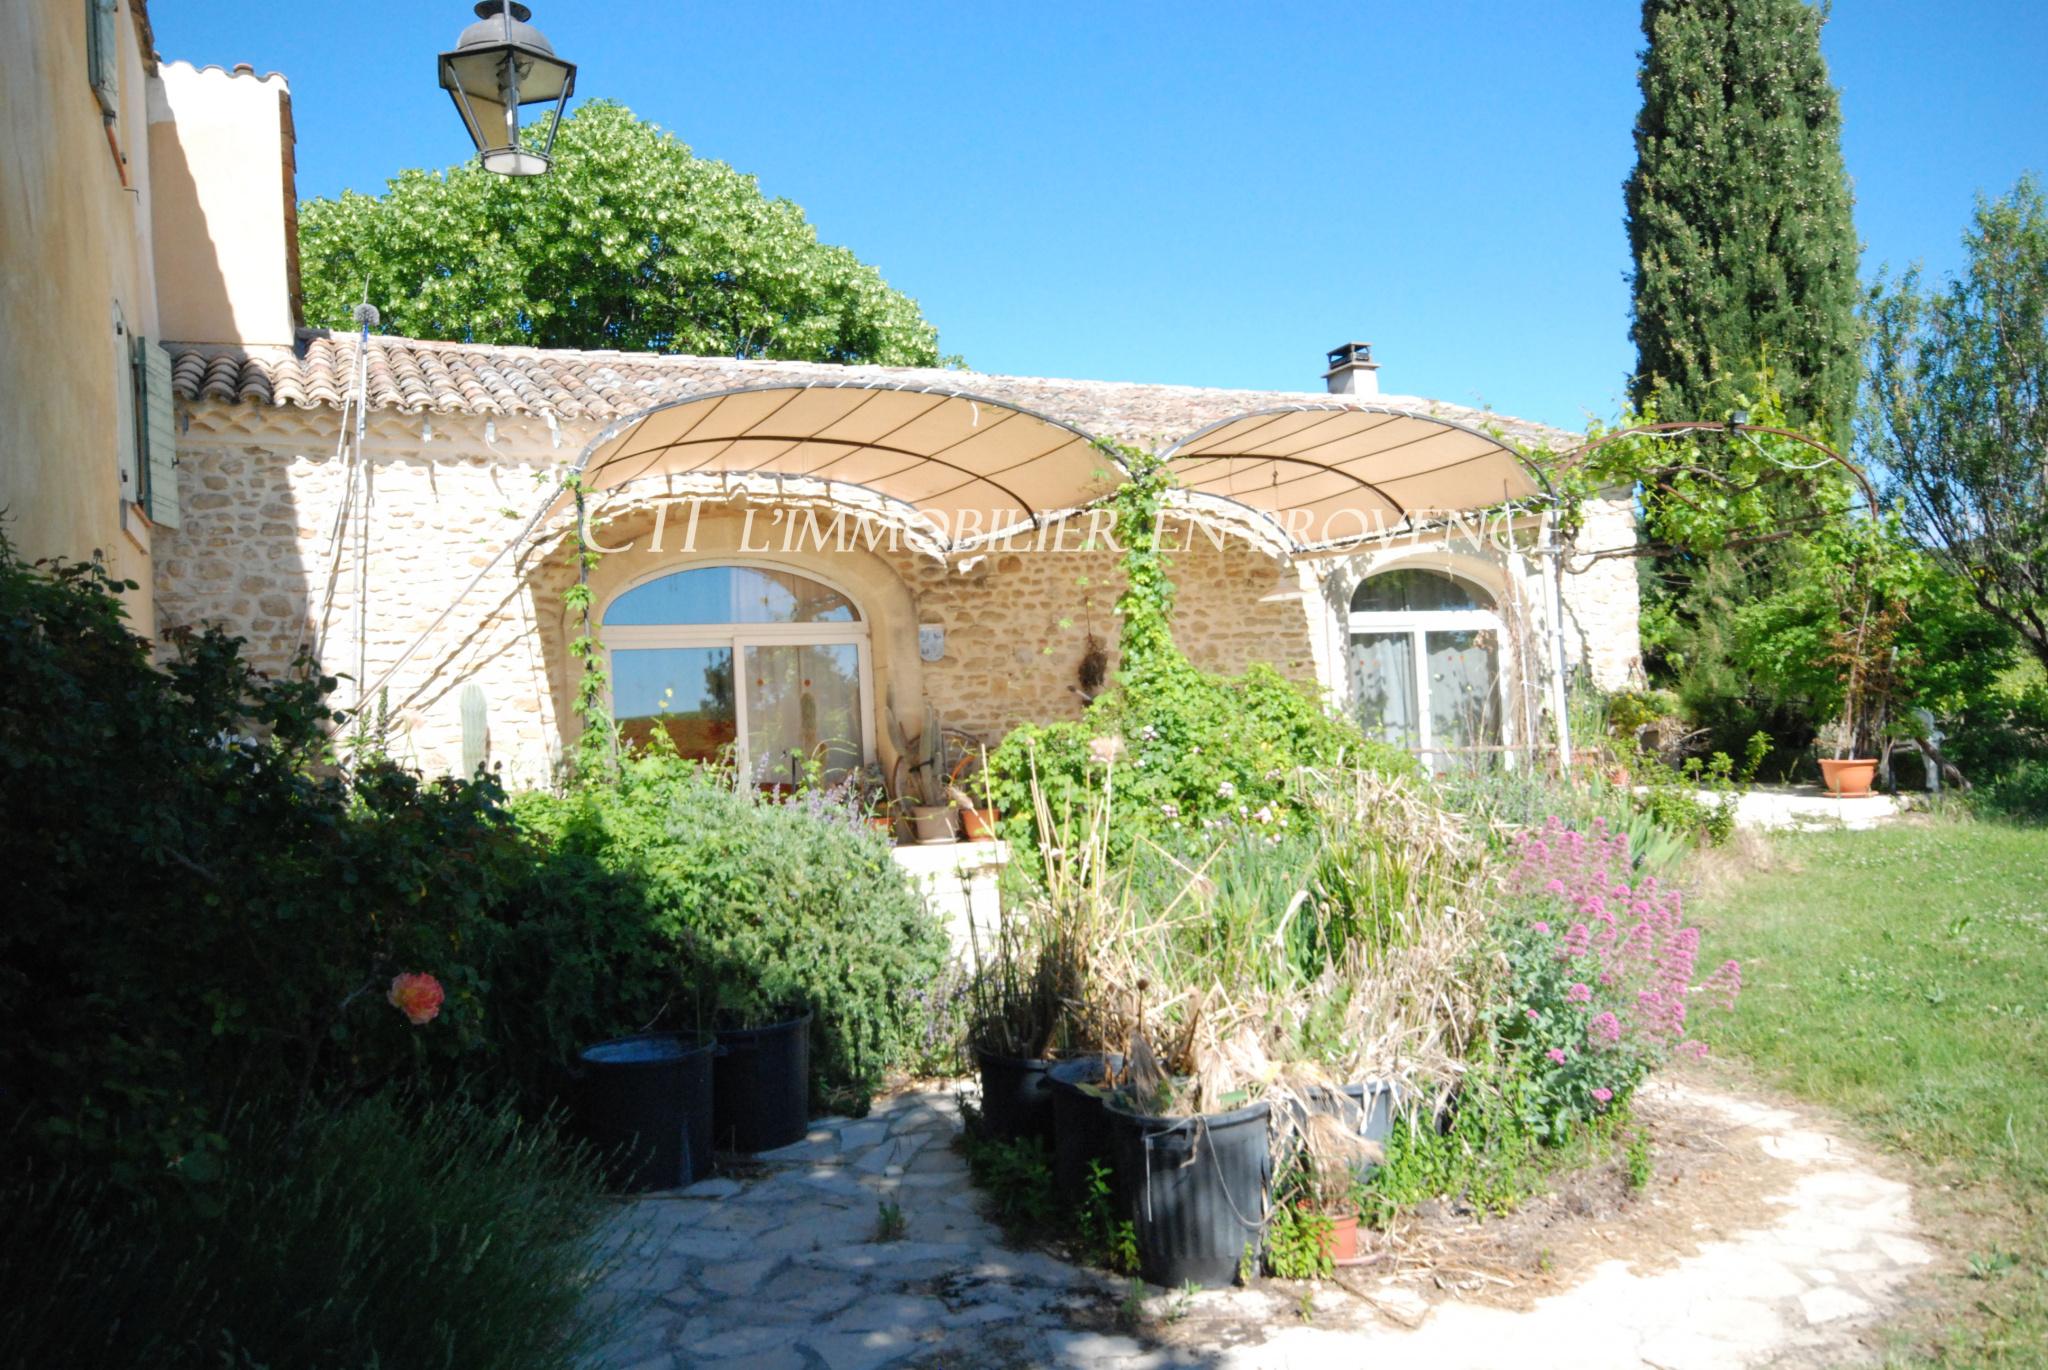 0 www.cti-provence.net MAS DE CAMPAGNE PIERRE A VENDRE PROCHE VAISON LA ROMAINE VUE MONT-VENTOUX